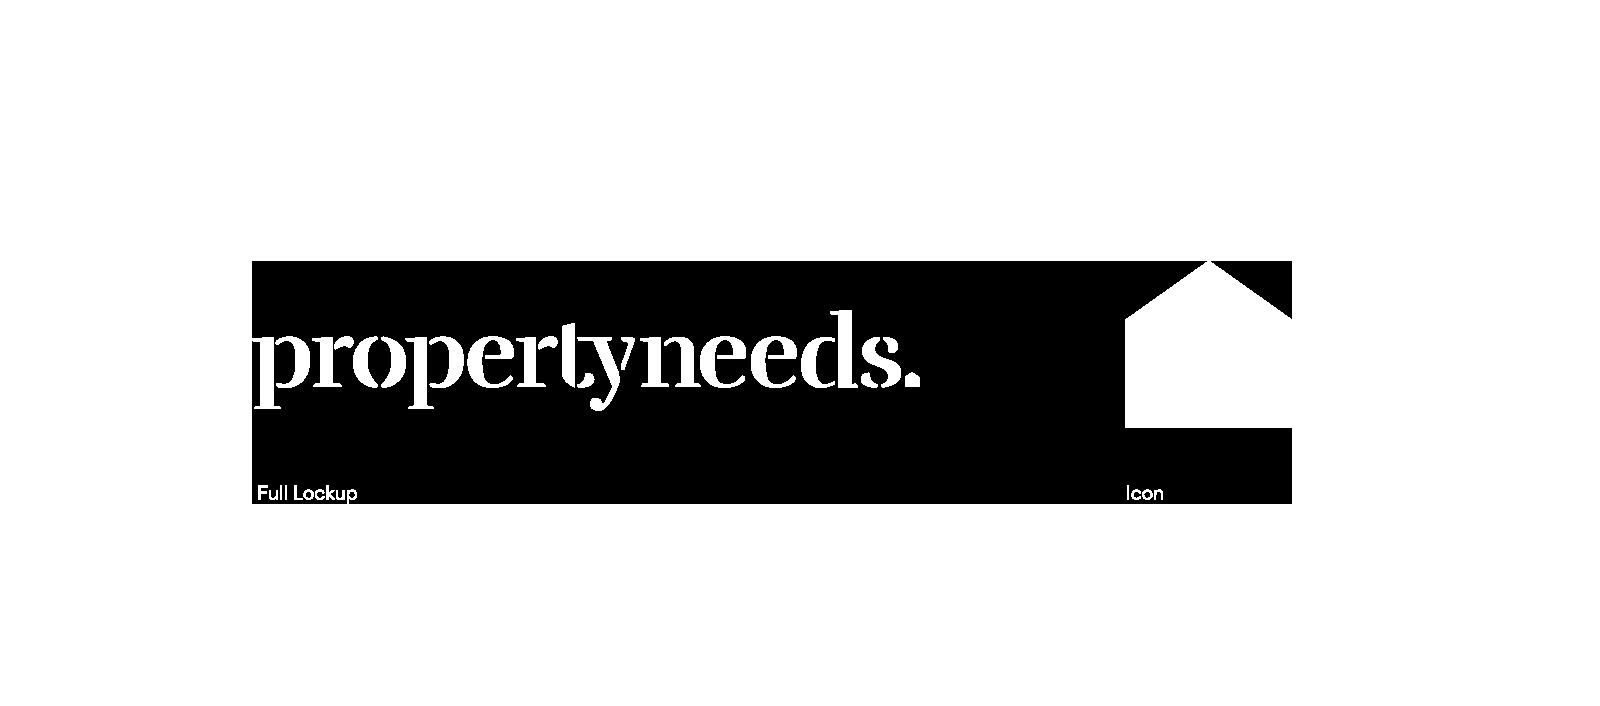 Pn Logolockup New